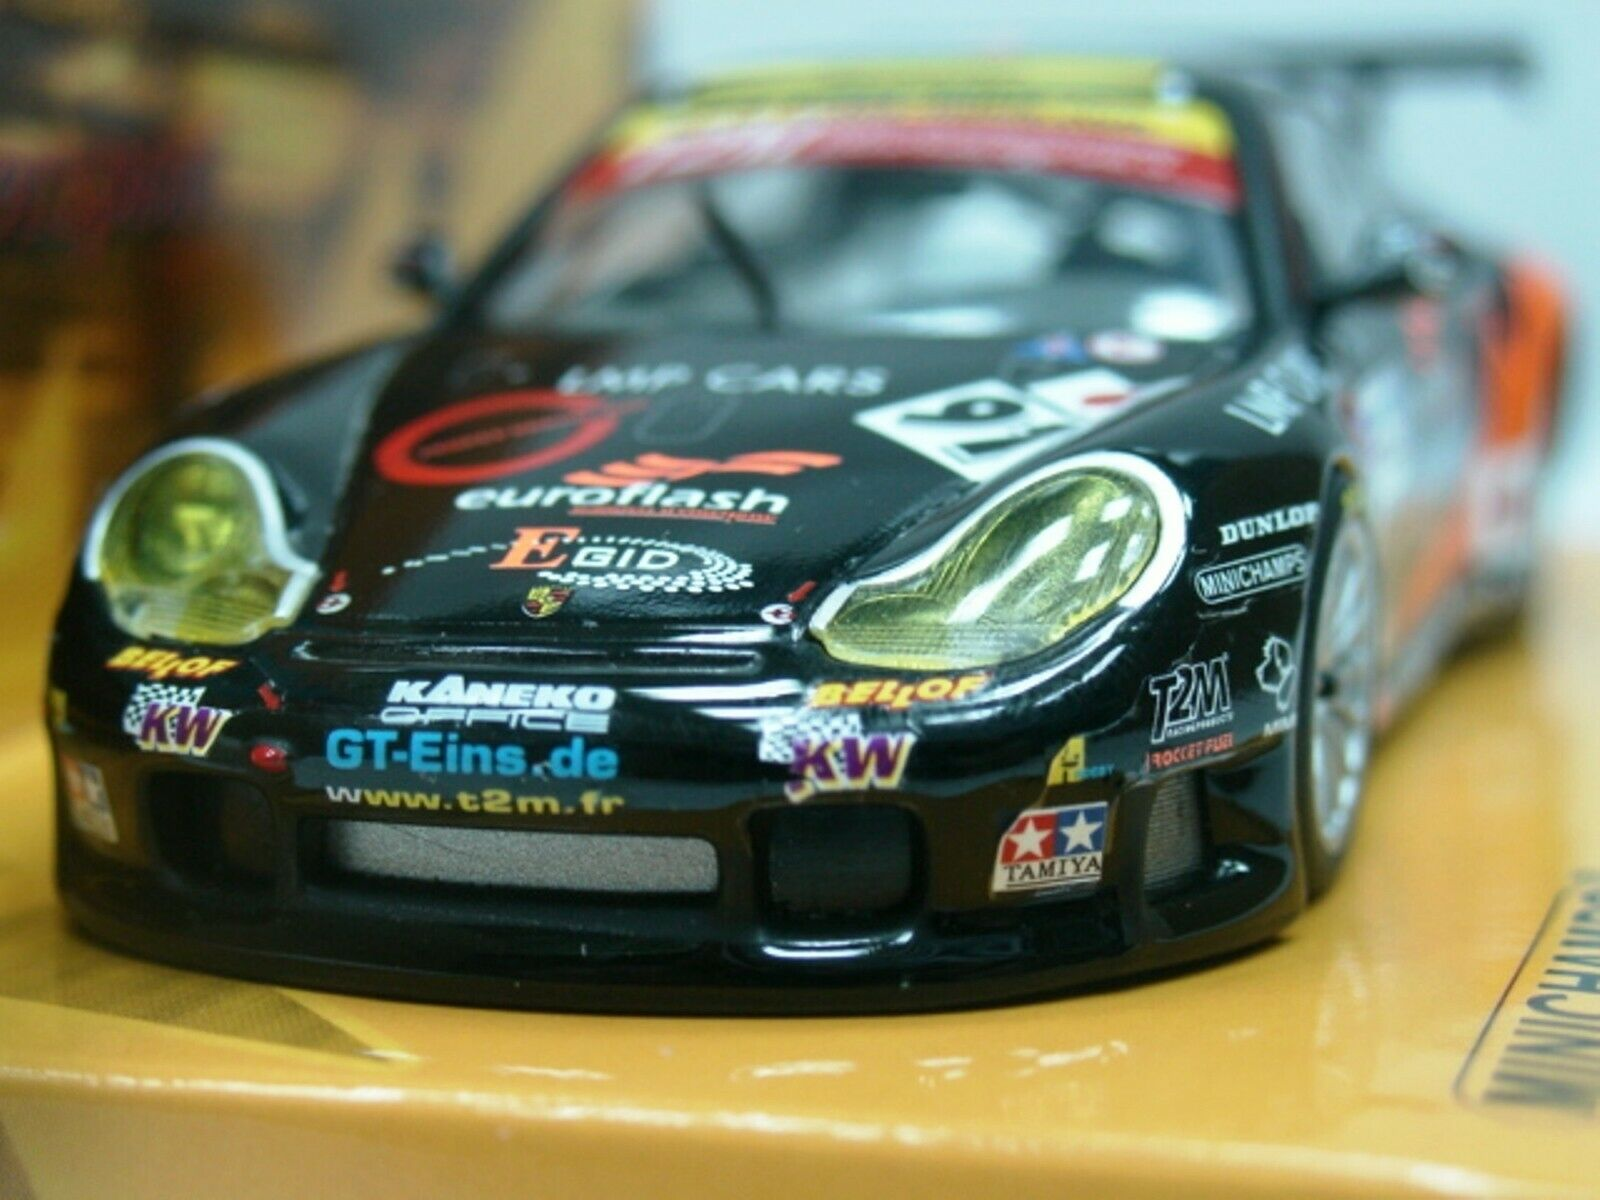 Wow extrêmement rare Porsche 996 911 GT3 RS  91 T2M Le Mans 2005 1 43 Minichamps